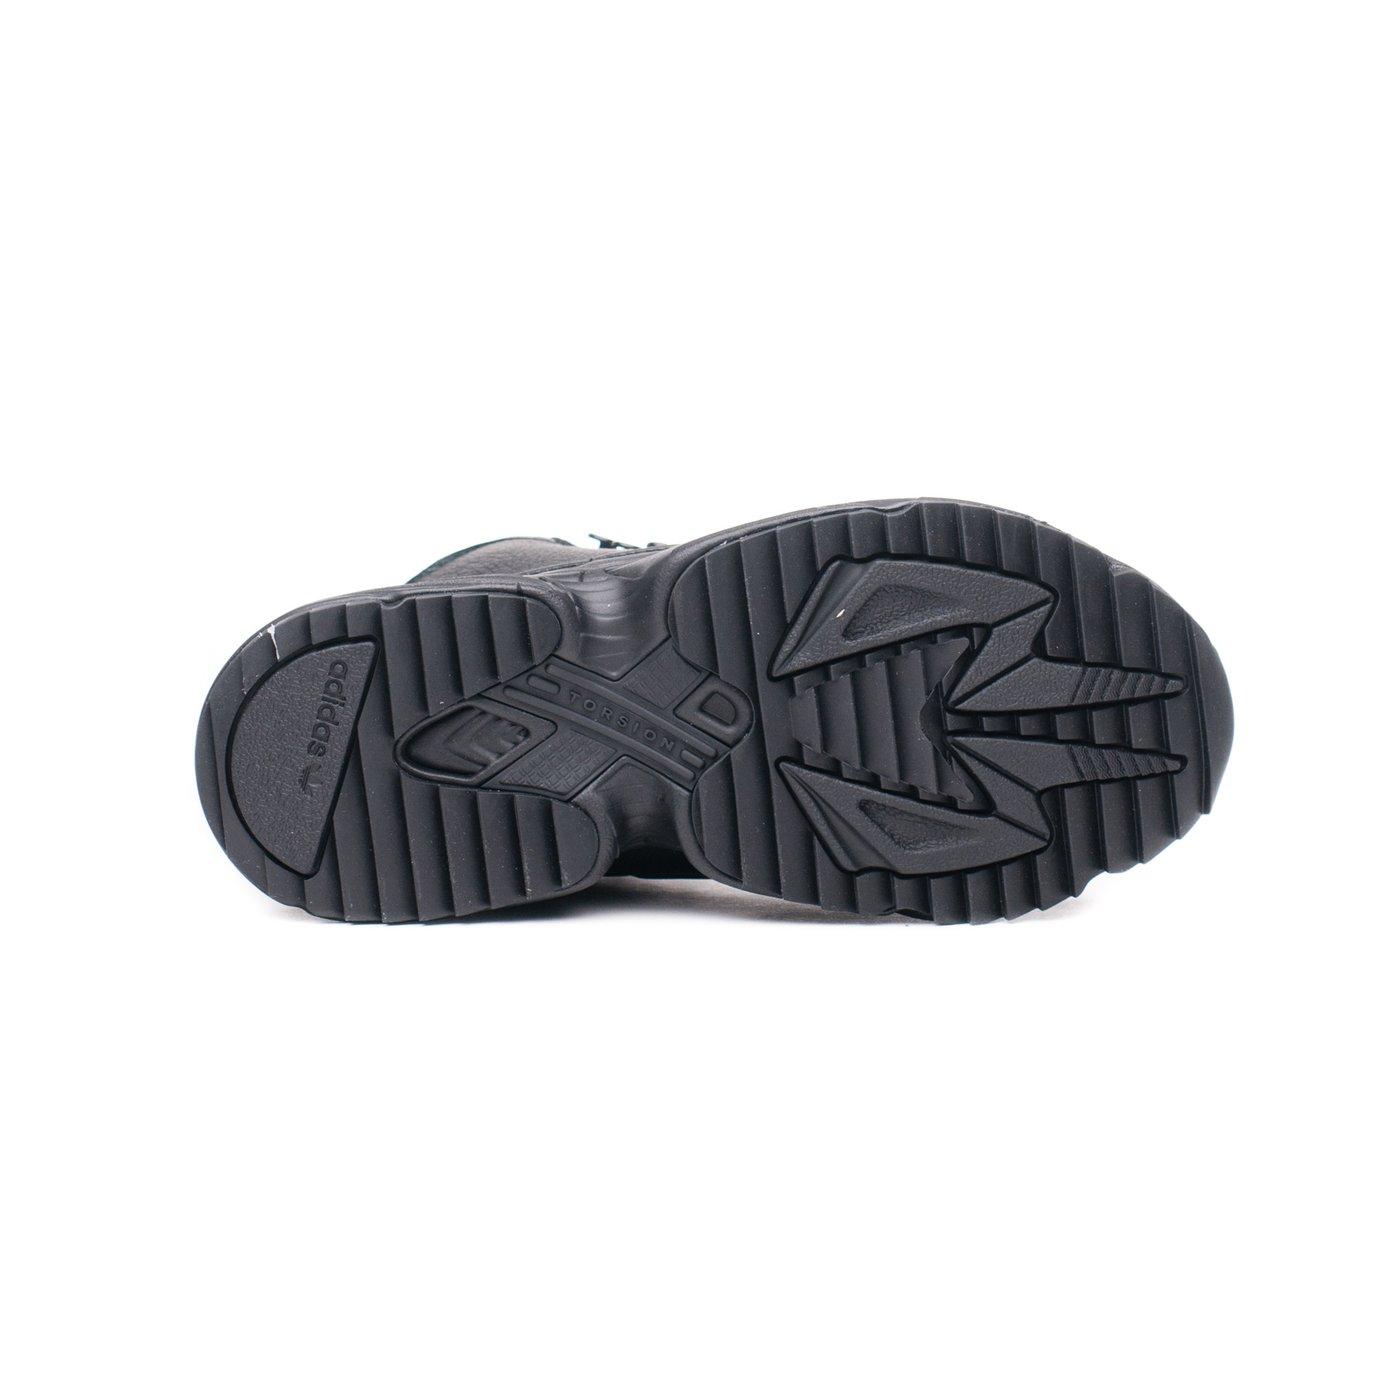 Черевики жіночі Adidas KIELLOR XTRA